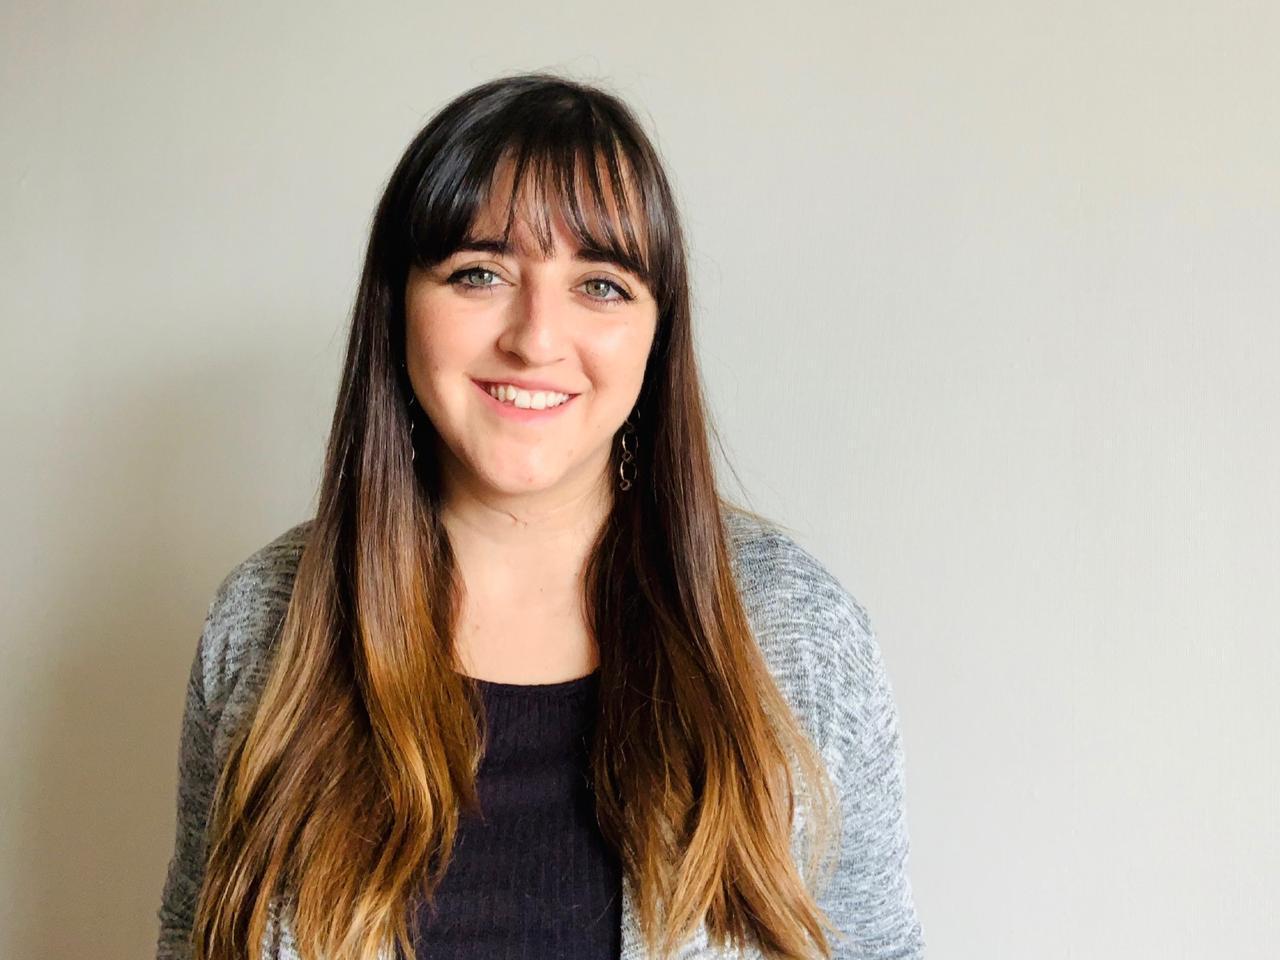 Camila Mardones de Portal Pyme nos habló de innovación en educación online y de emprendimiento en mujeres